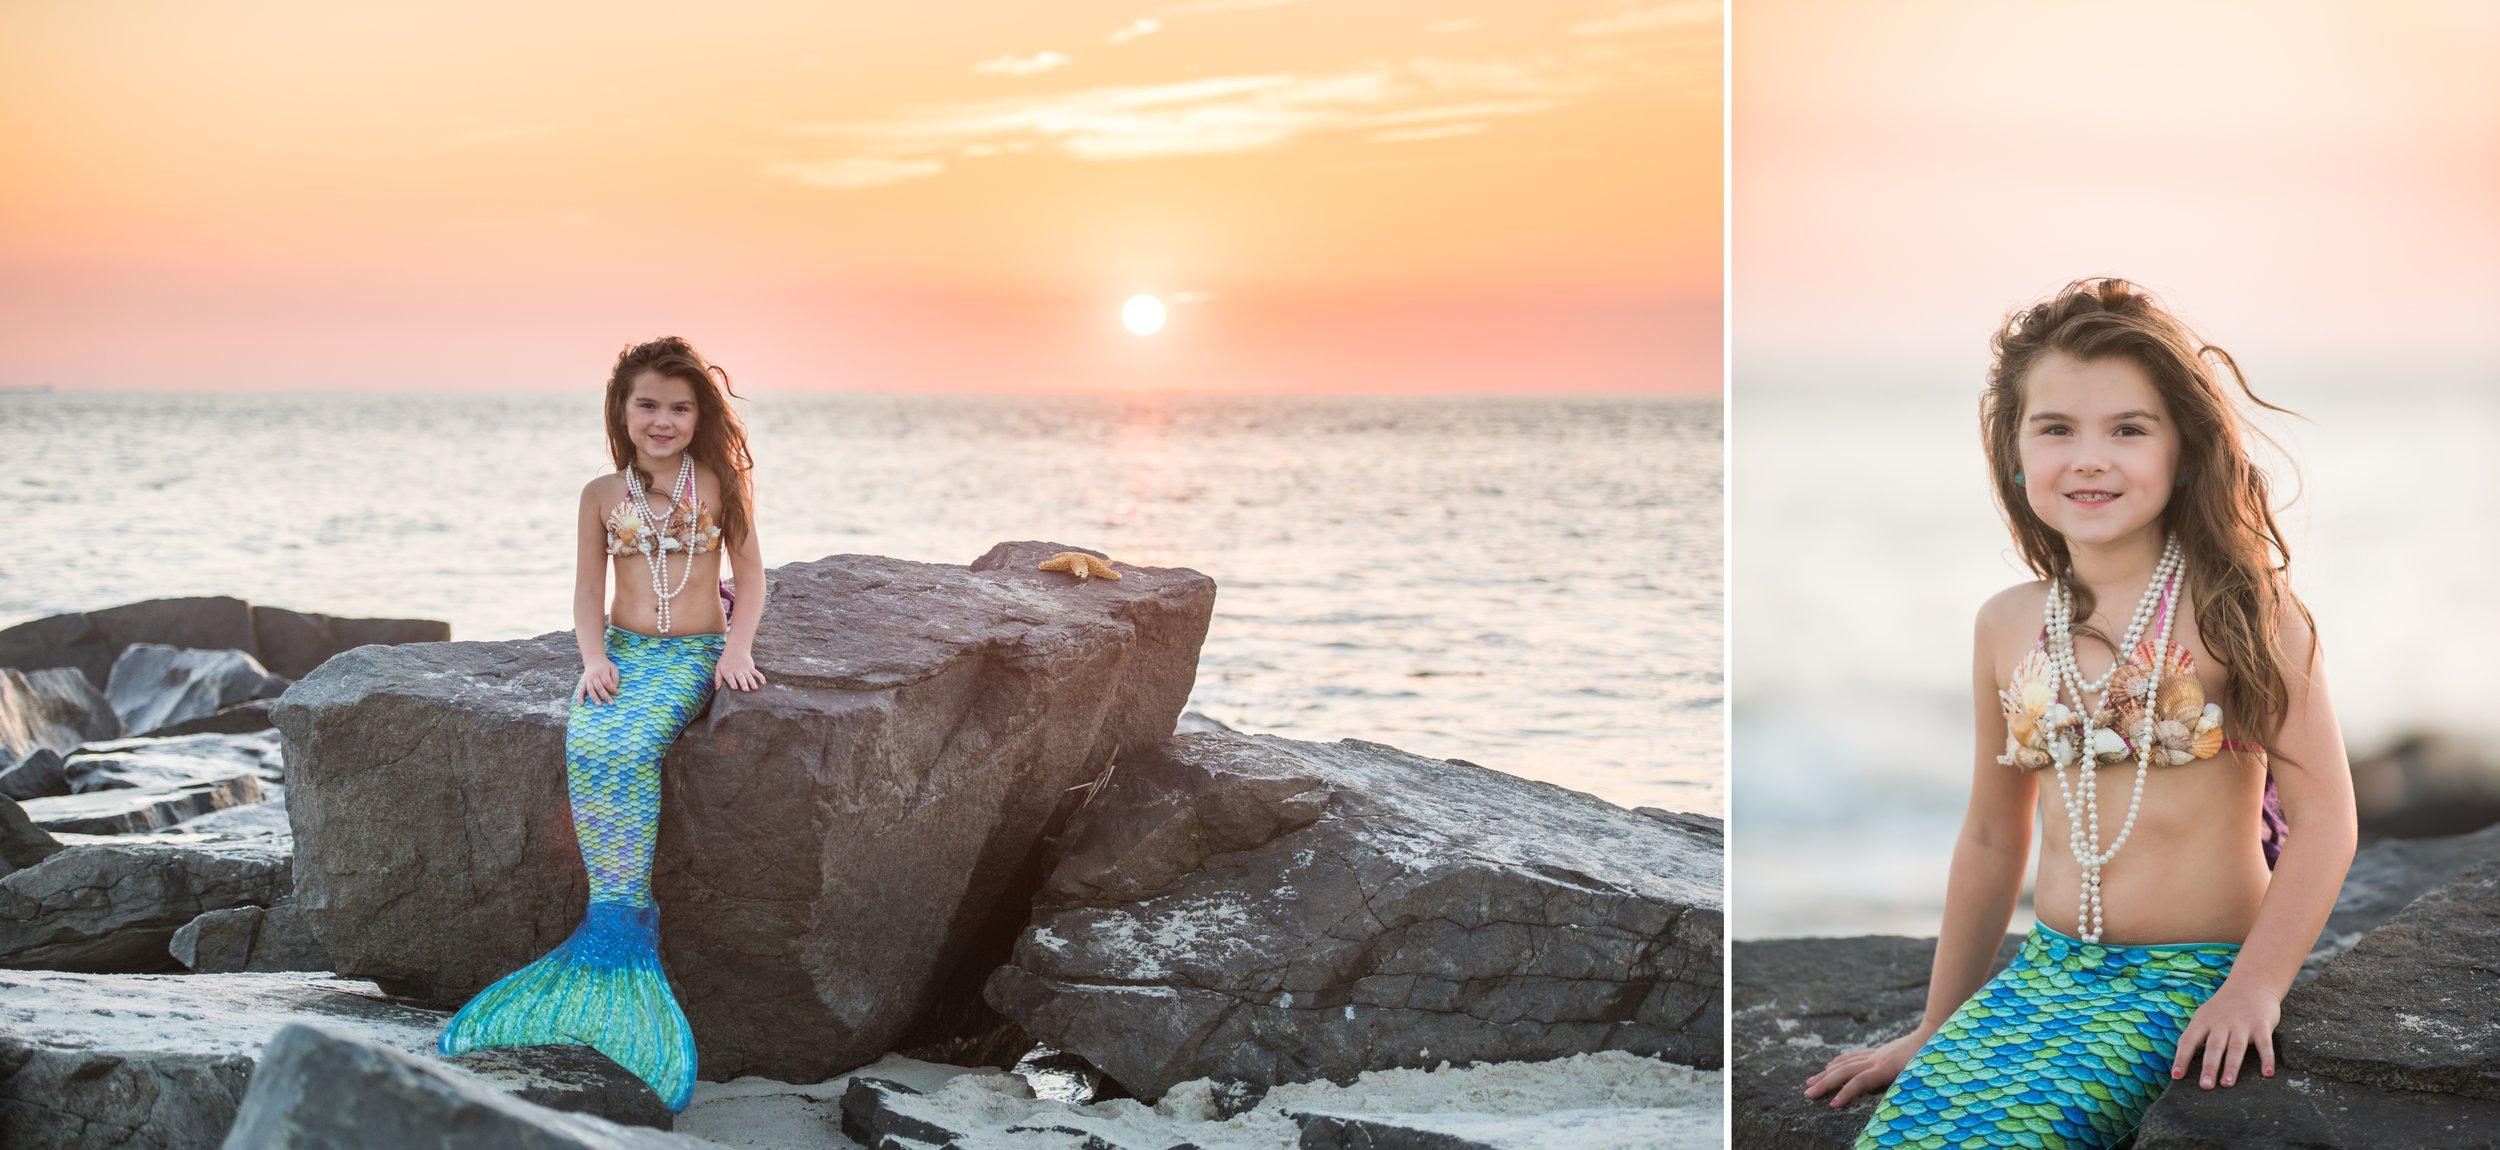 lauren mermaid 9.jpg